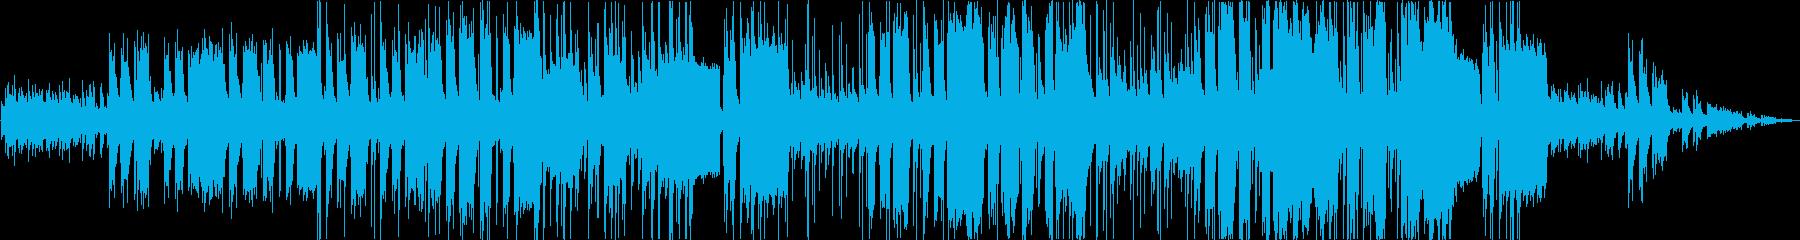 のんびりな日常に合う曲です。の再生済みの波形